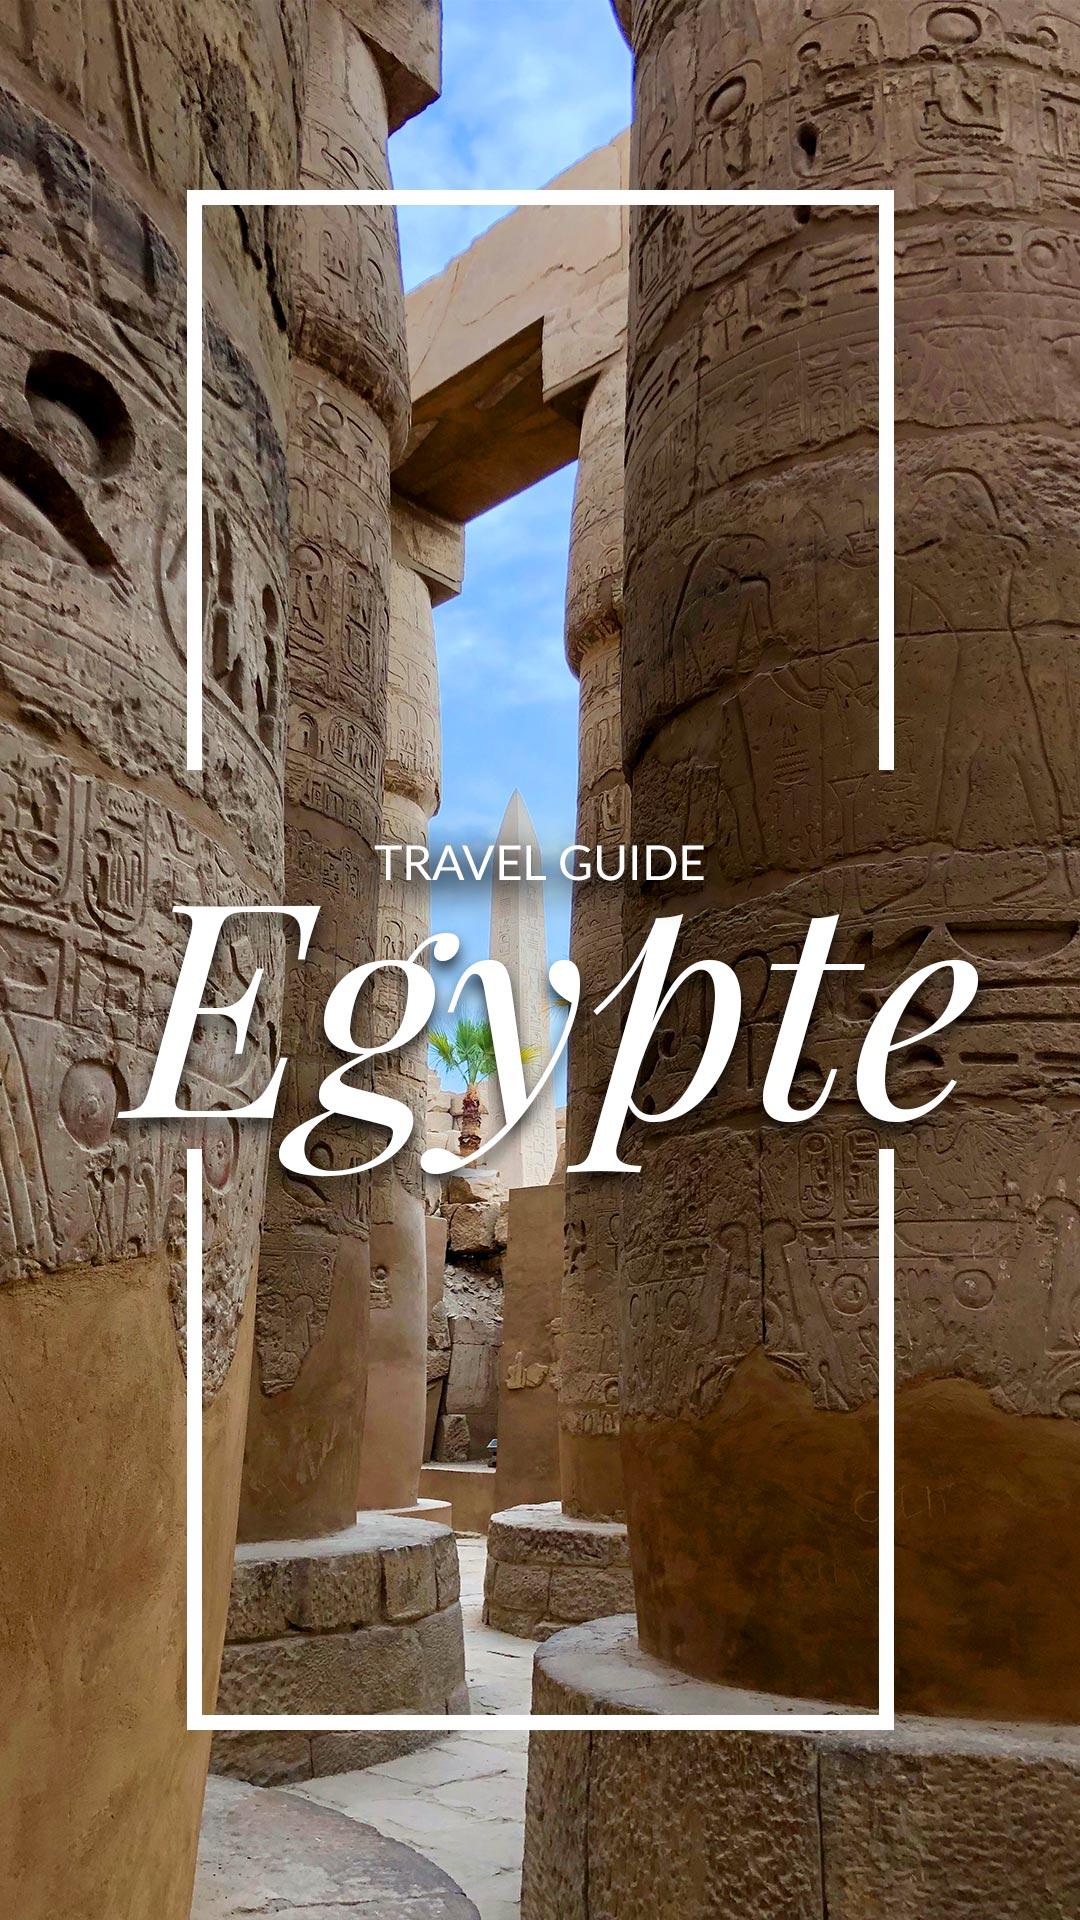 Egypt-guide-2